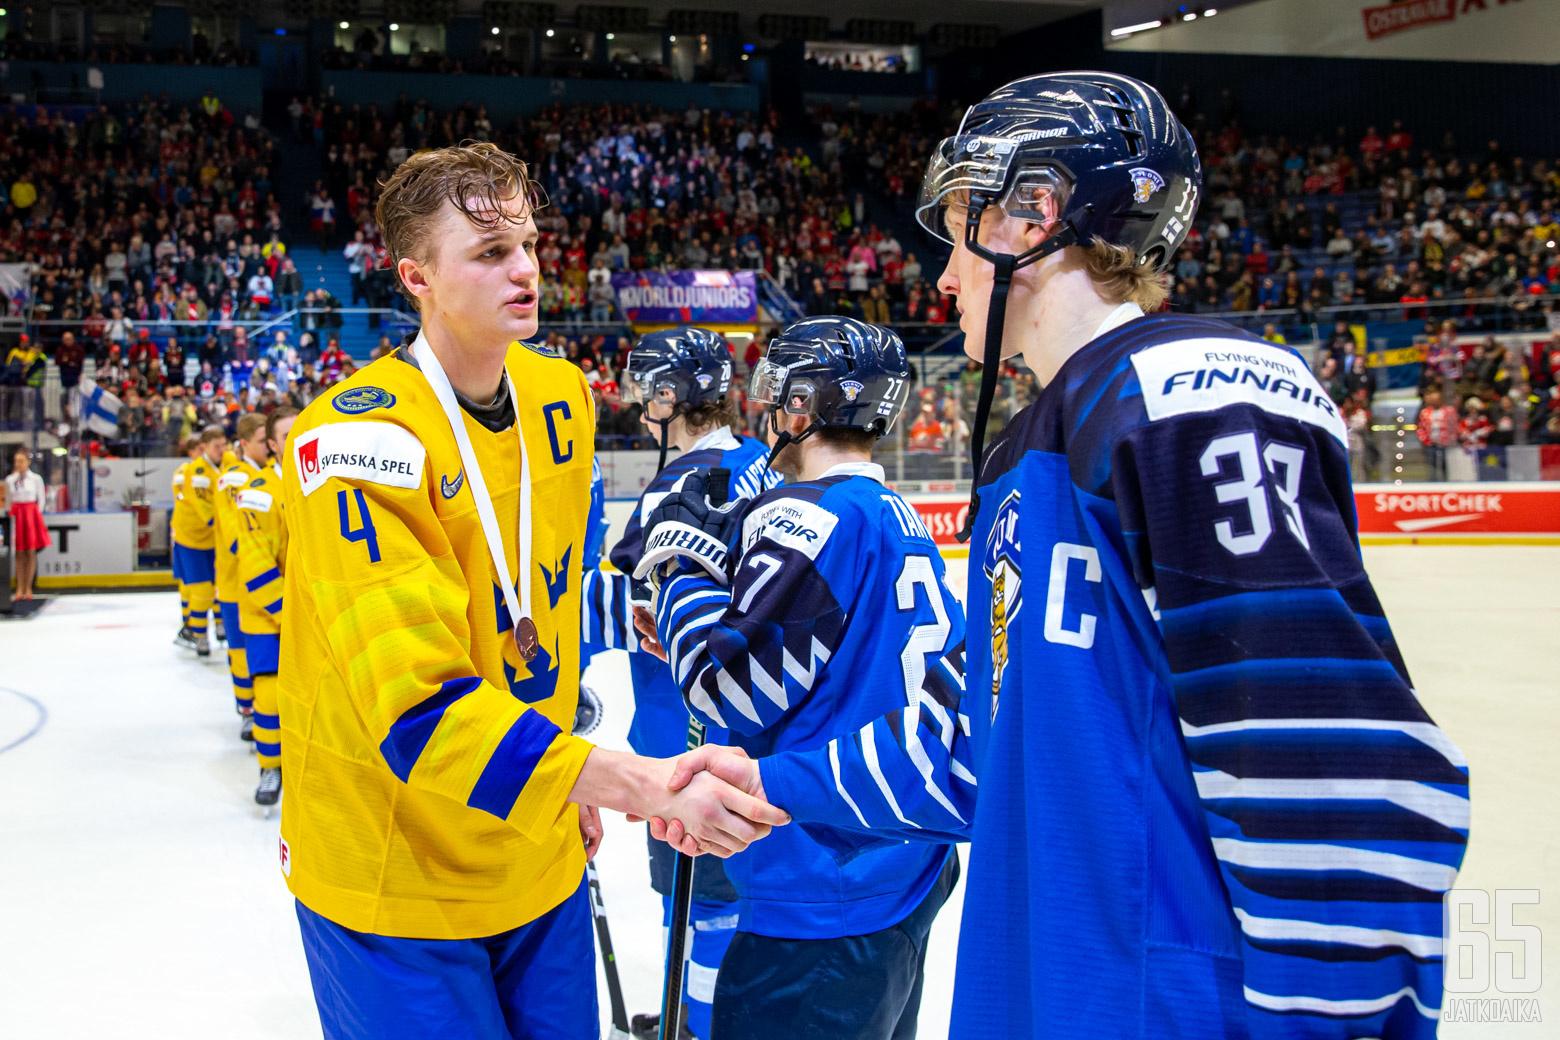 Ruotsi - Suomi, pronssiottelu, Nuorten MM-kisat 5.1.2020, Ostravar Aréna, Ostrava. (Kuva: Jari Mäki-Kuutti)